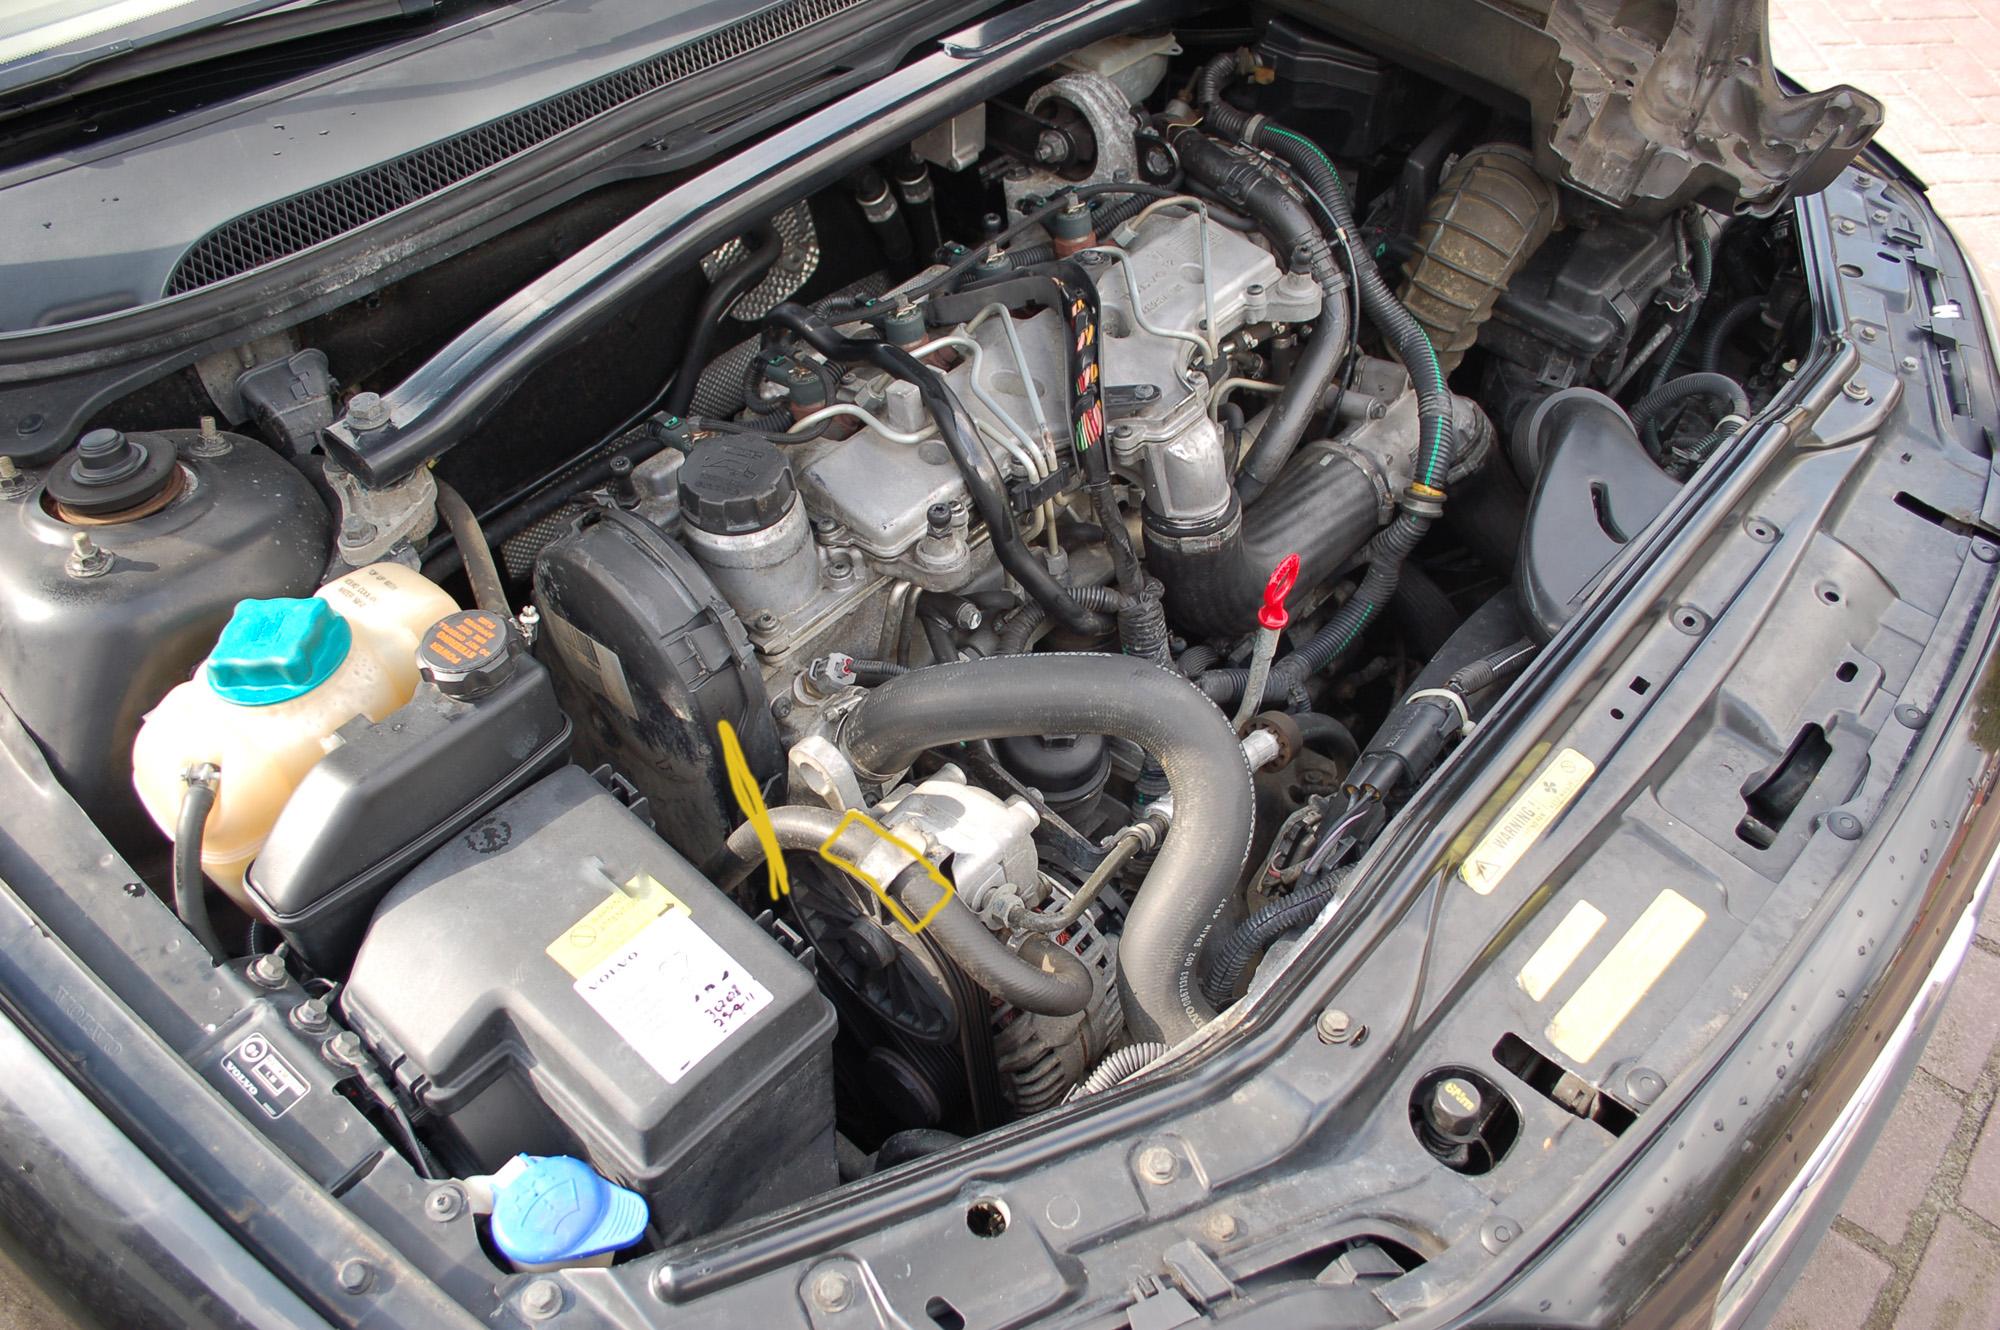 Olielekkage Ergens Bij Multiriem Volvo Forumnl